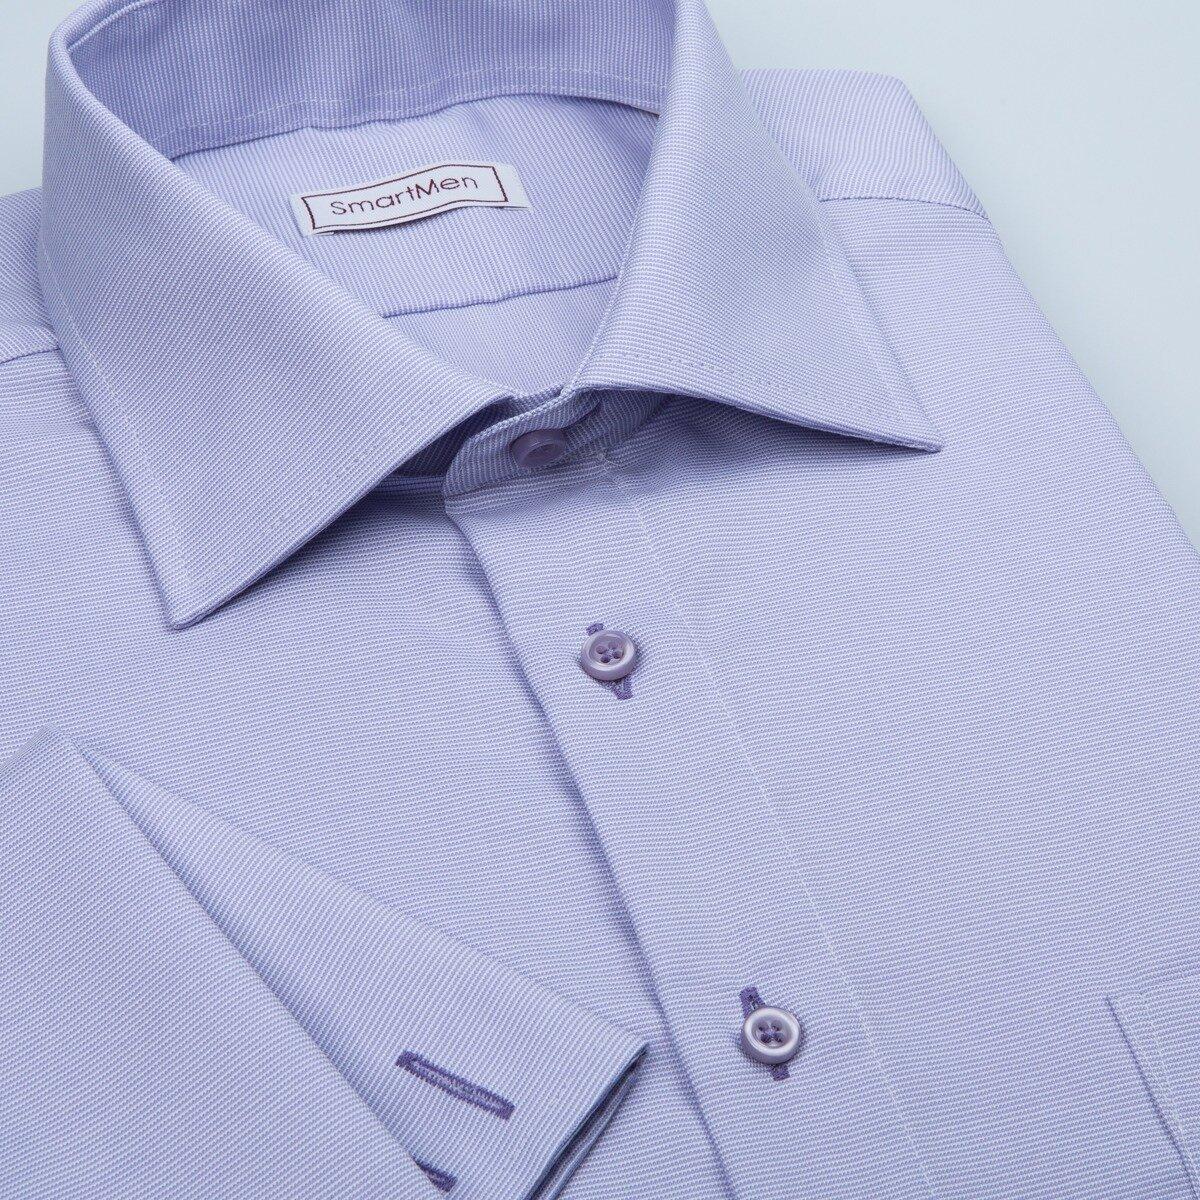 bdb6b6e9024 Pánská luxusní košile fialová na manžetové knoflíčky